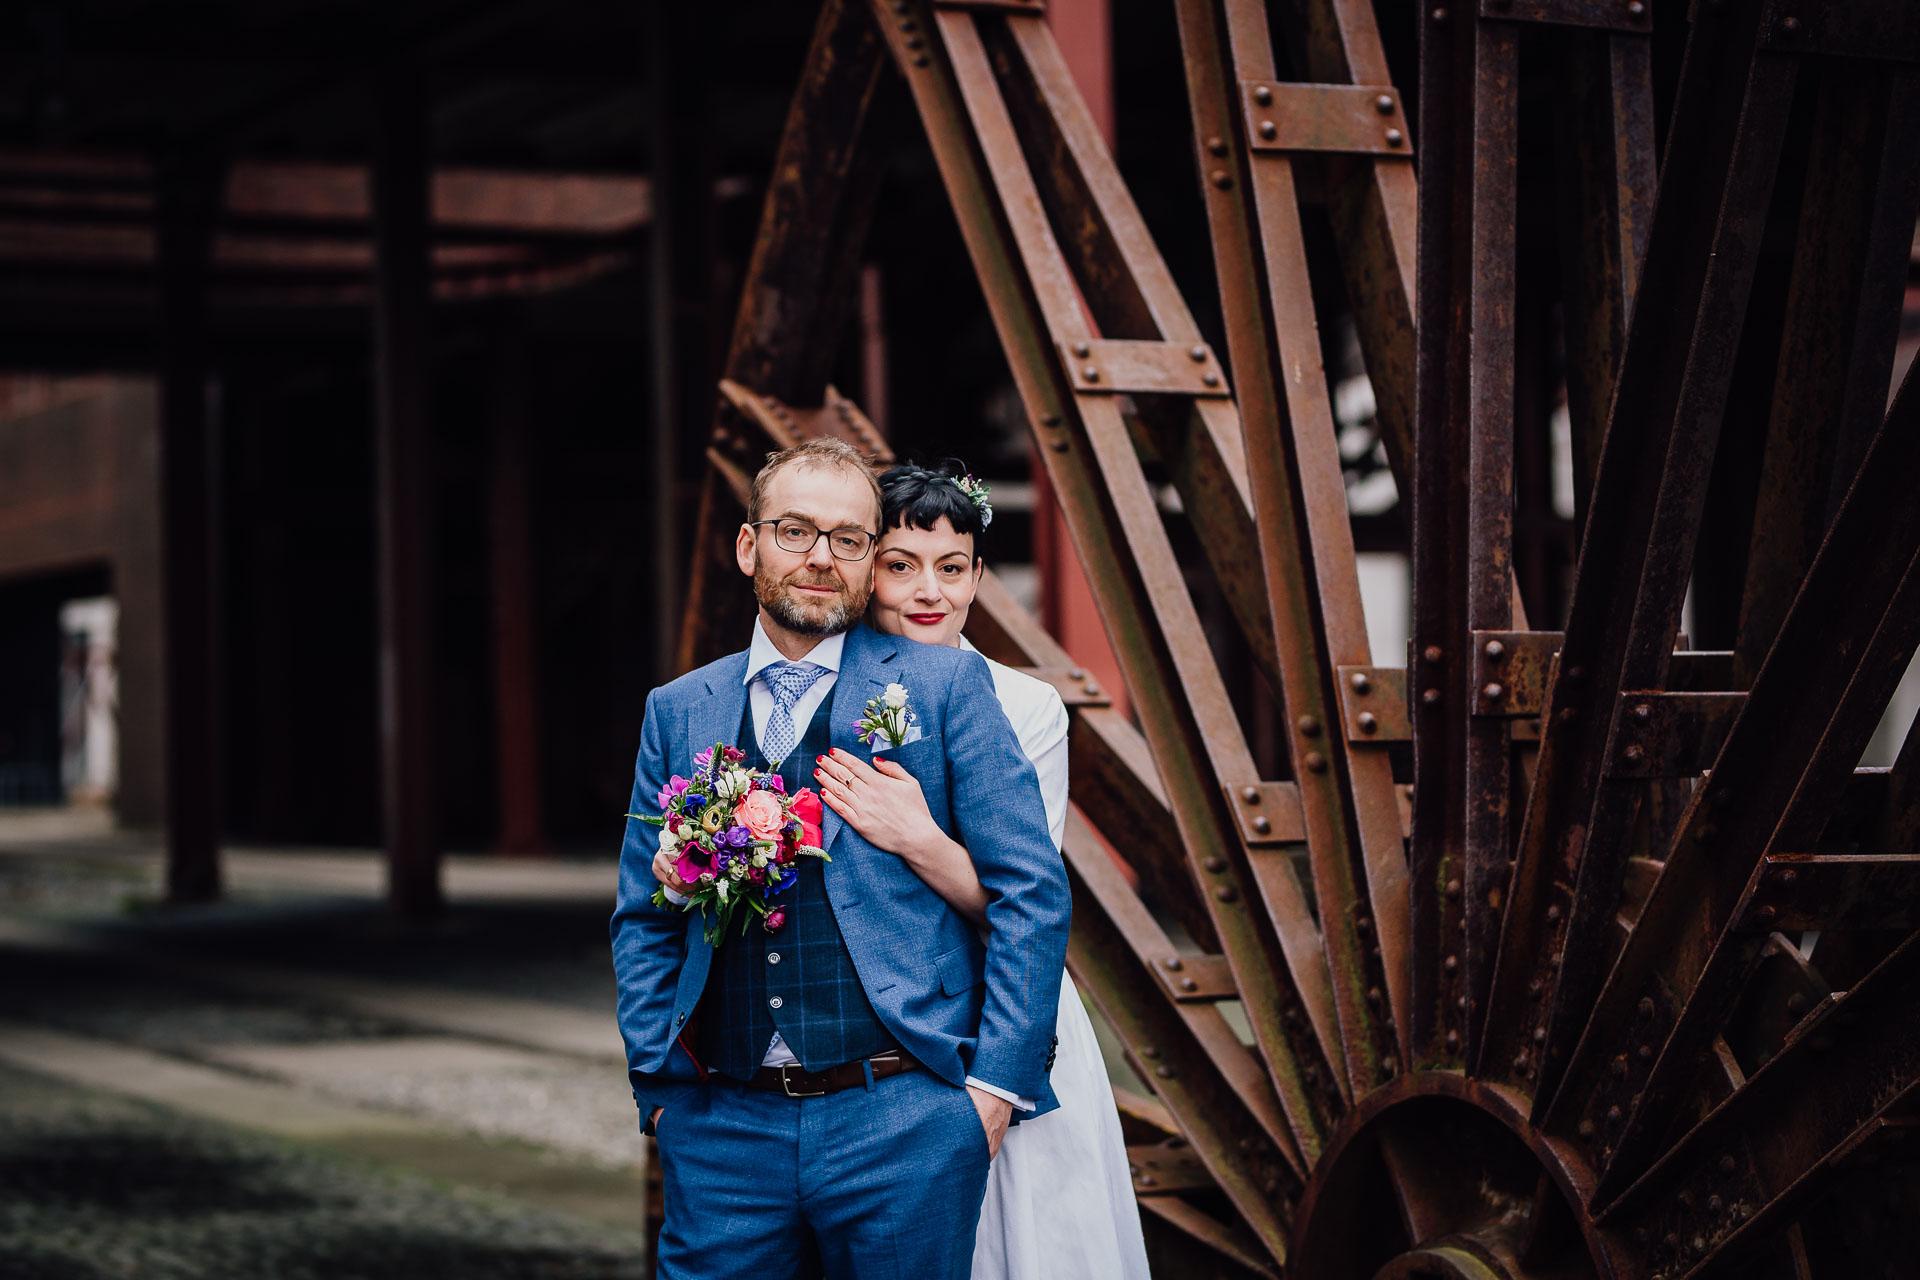 Zeche Zollverein Essen Hochzeitsfotos Brautpaarfotos Brautpaarshooting